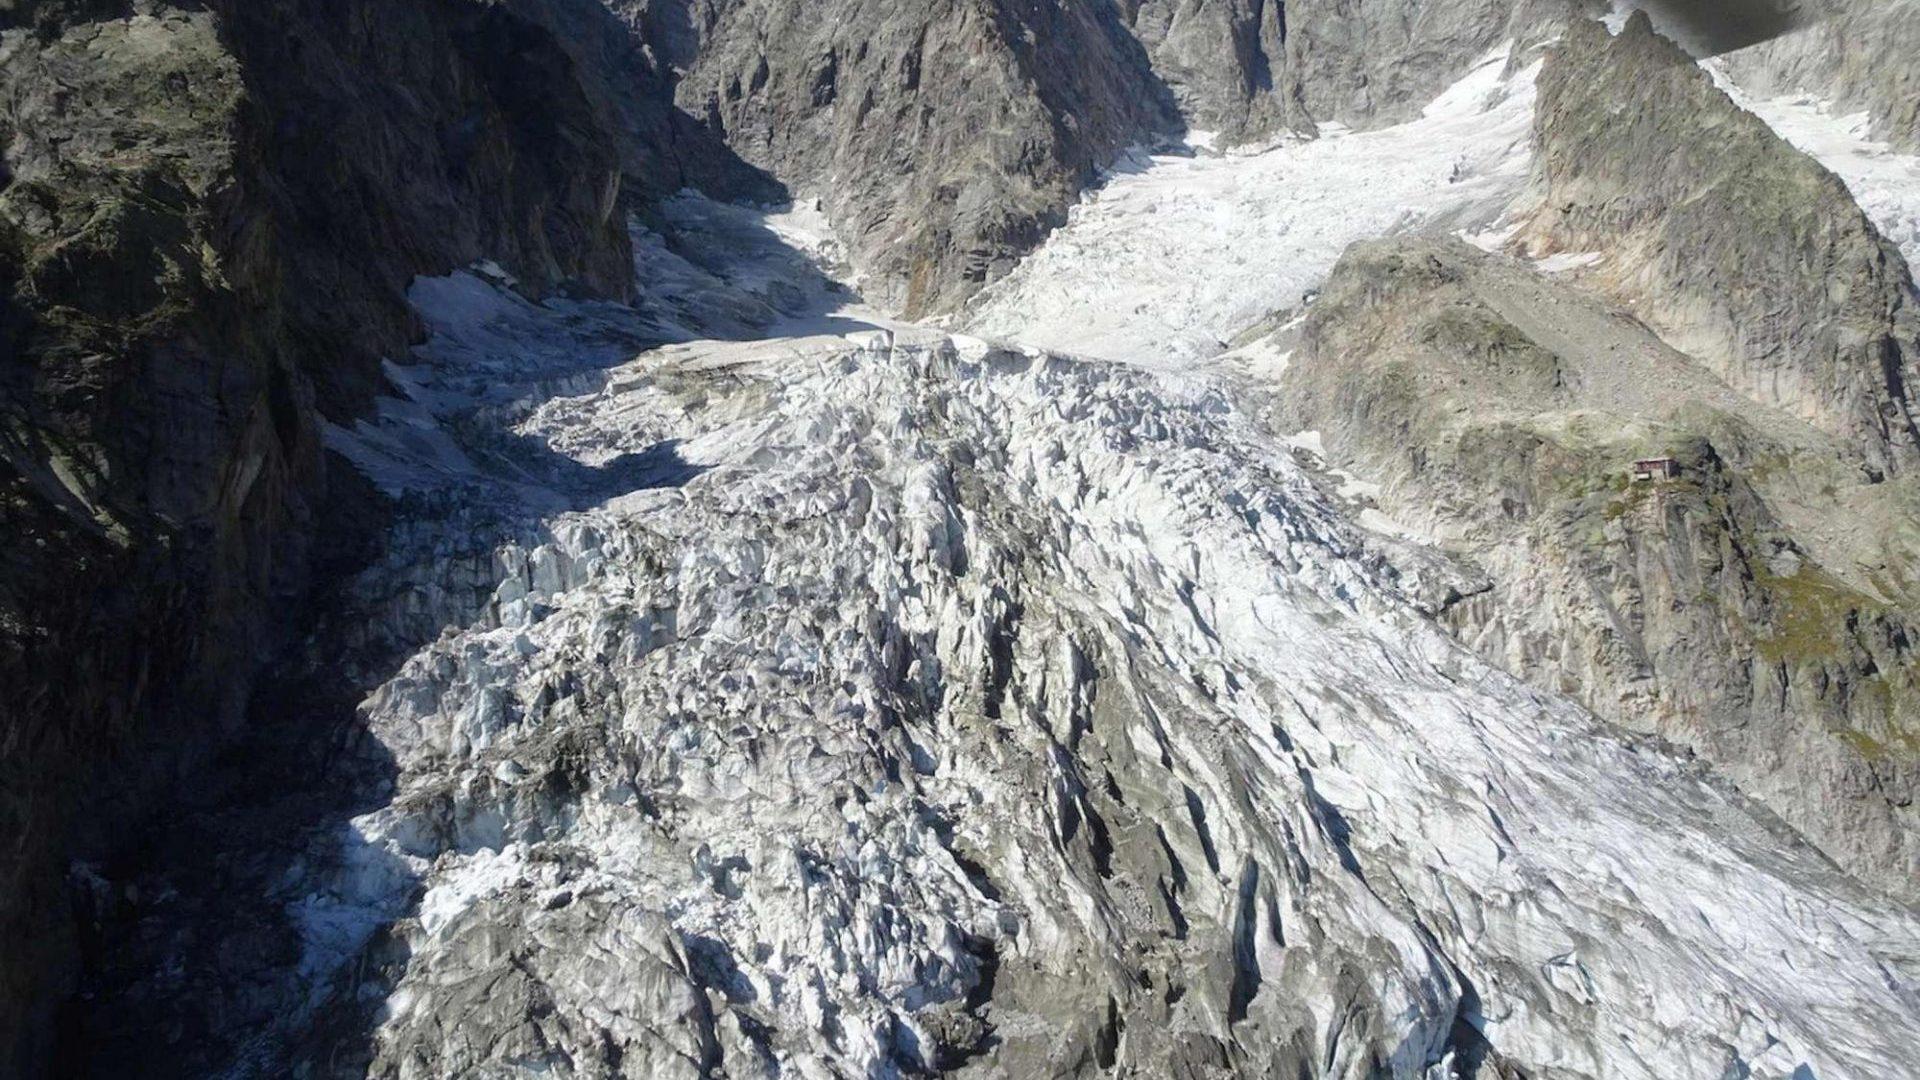 Monte Bianco: a rischio crollo ghiacciaio. Evacuazioni e strade chiuse